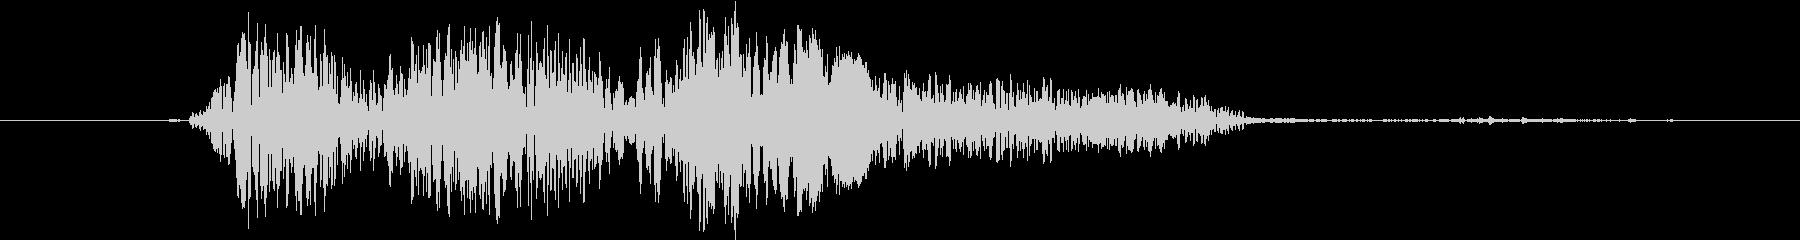 犬 鳴き声02の未再生の波形